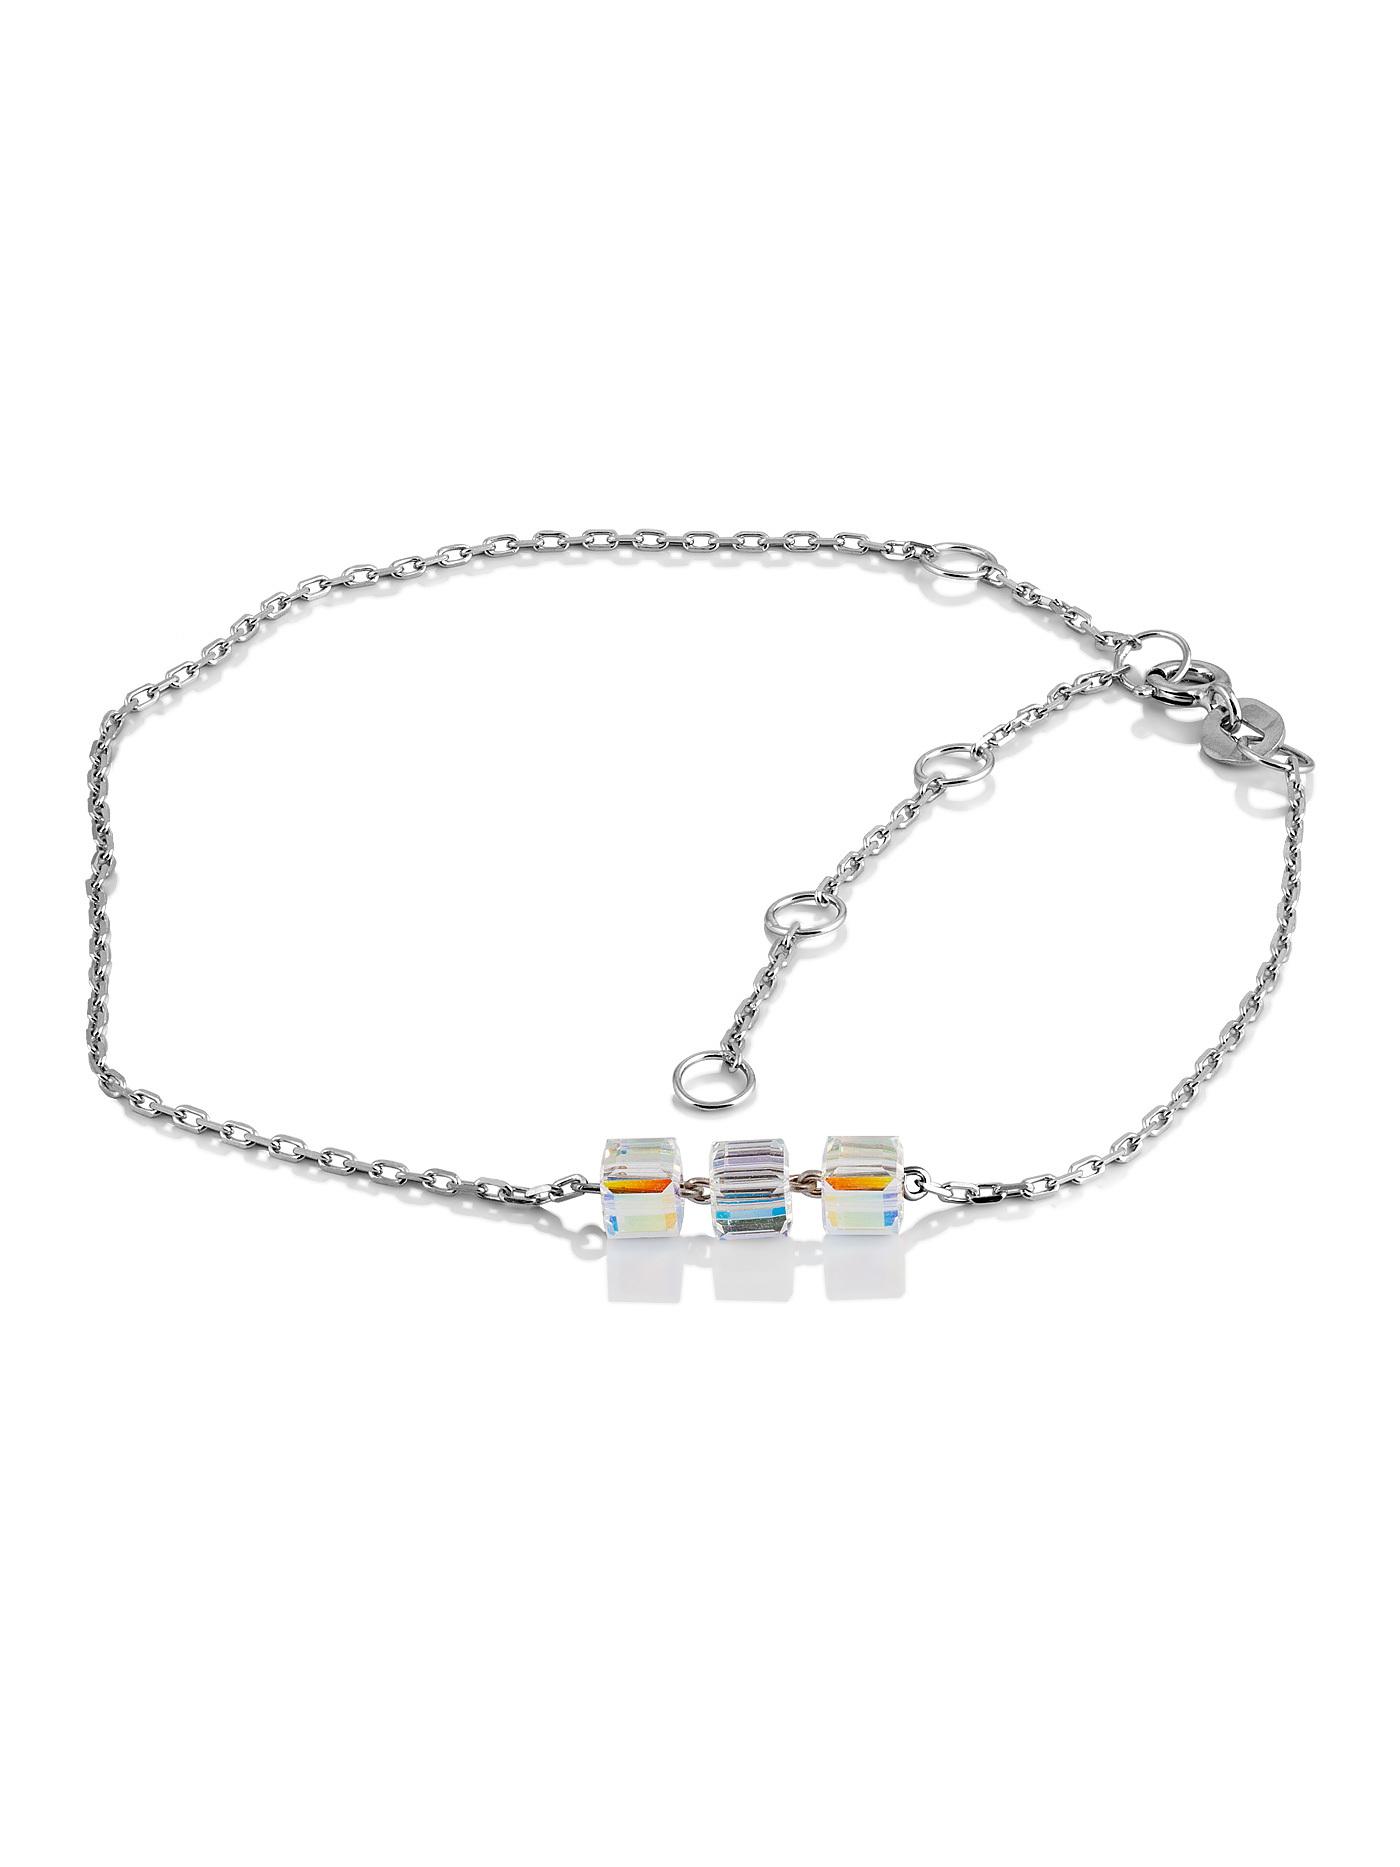 Серебряный браслет на ногу с кристаллами Swarovski в подарочной коробке